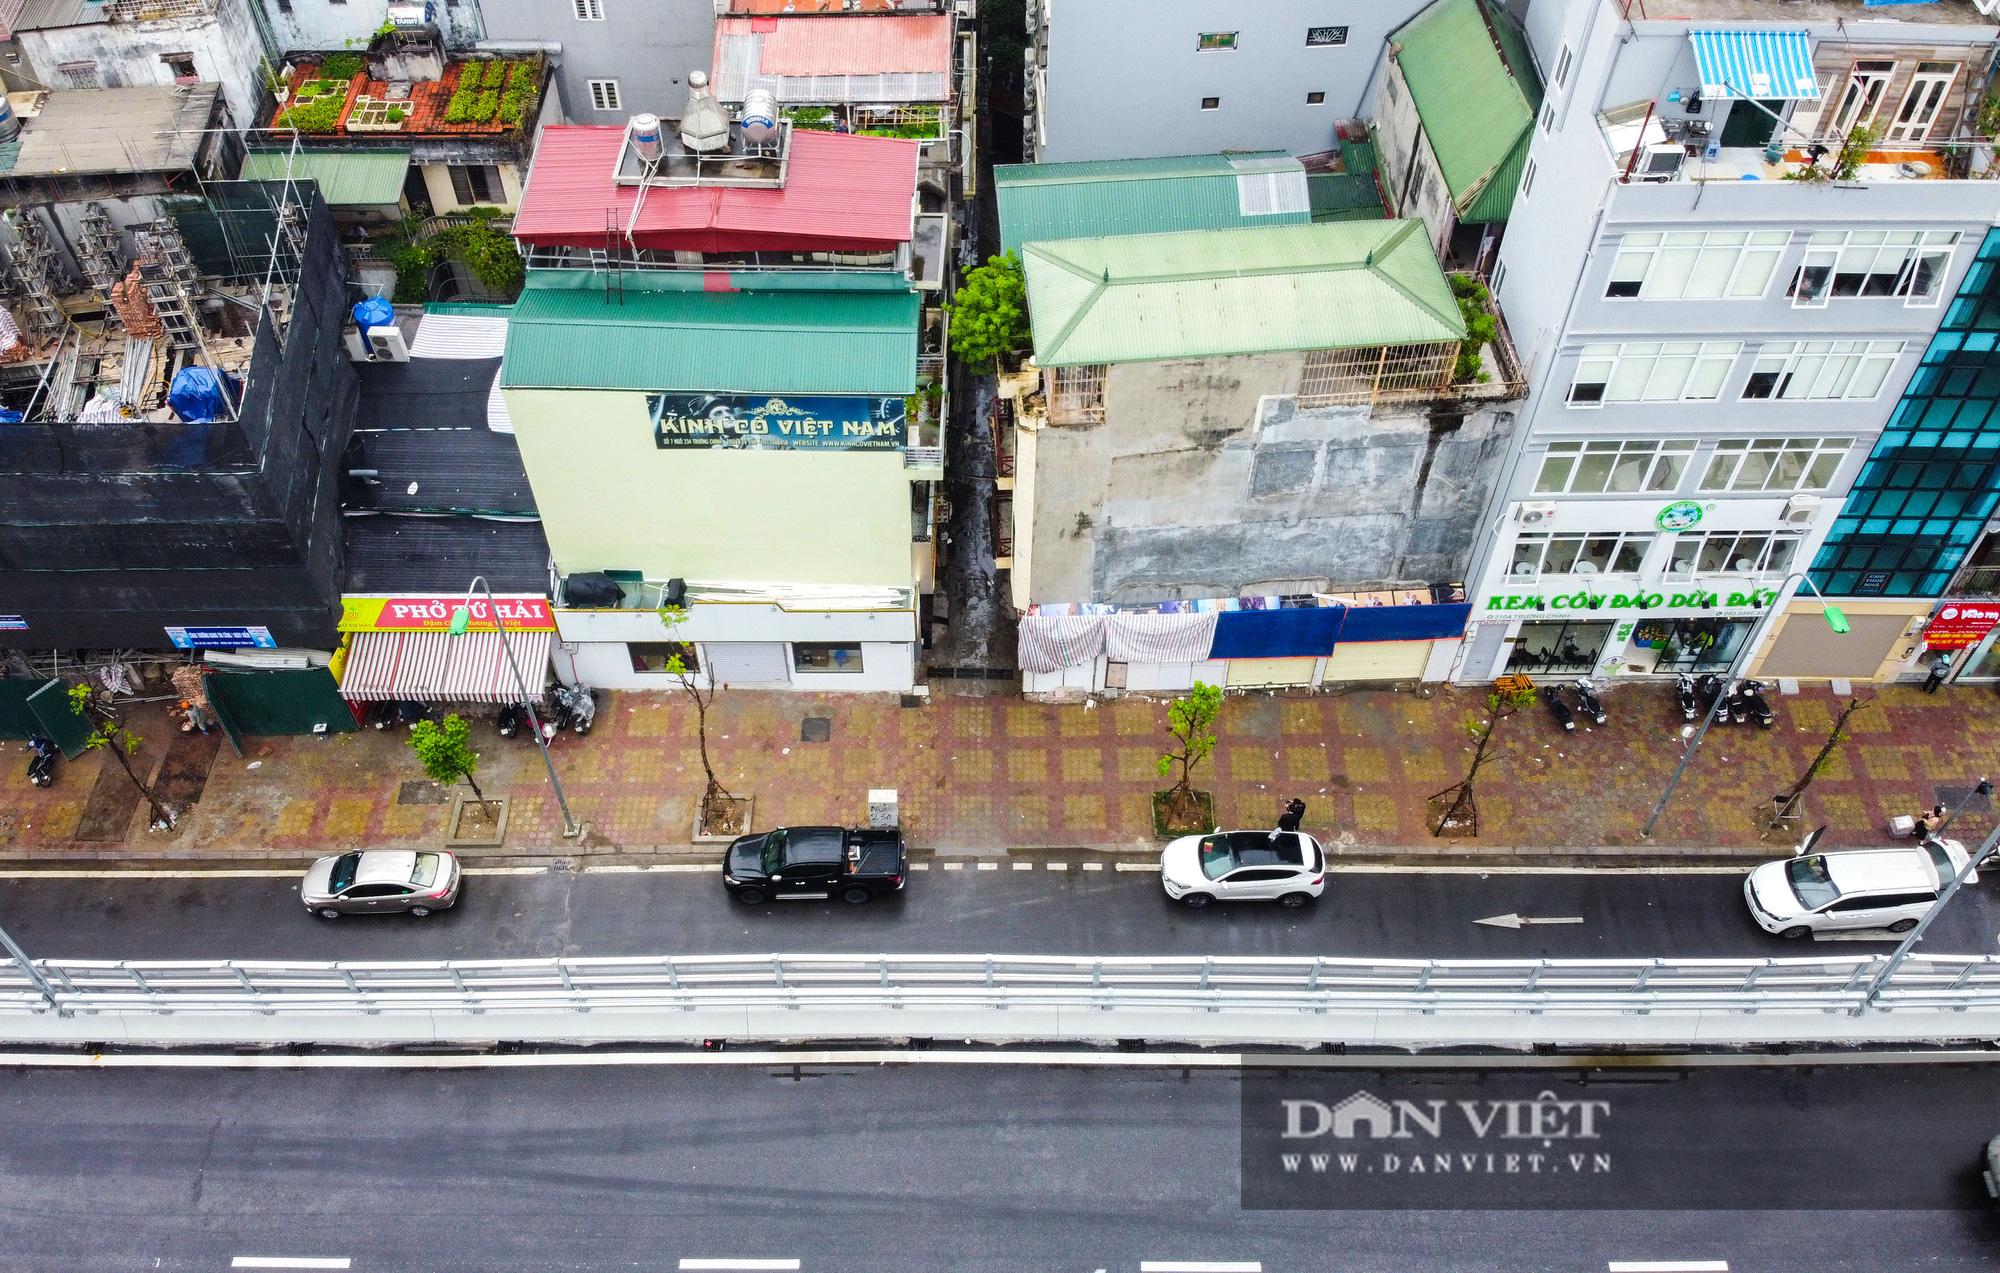 Kỳ lạ 2 ngôi nhà mặt đường siêu mỏng trên đường Trường Chinh - Ảnh 2.